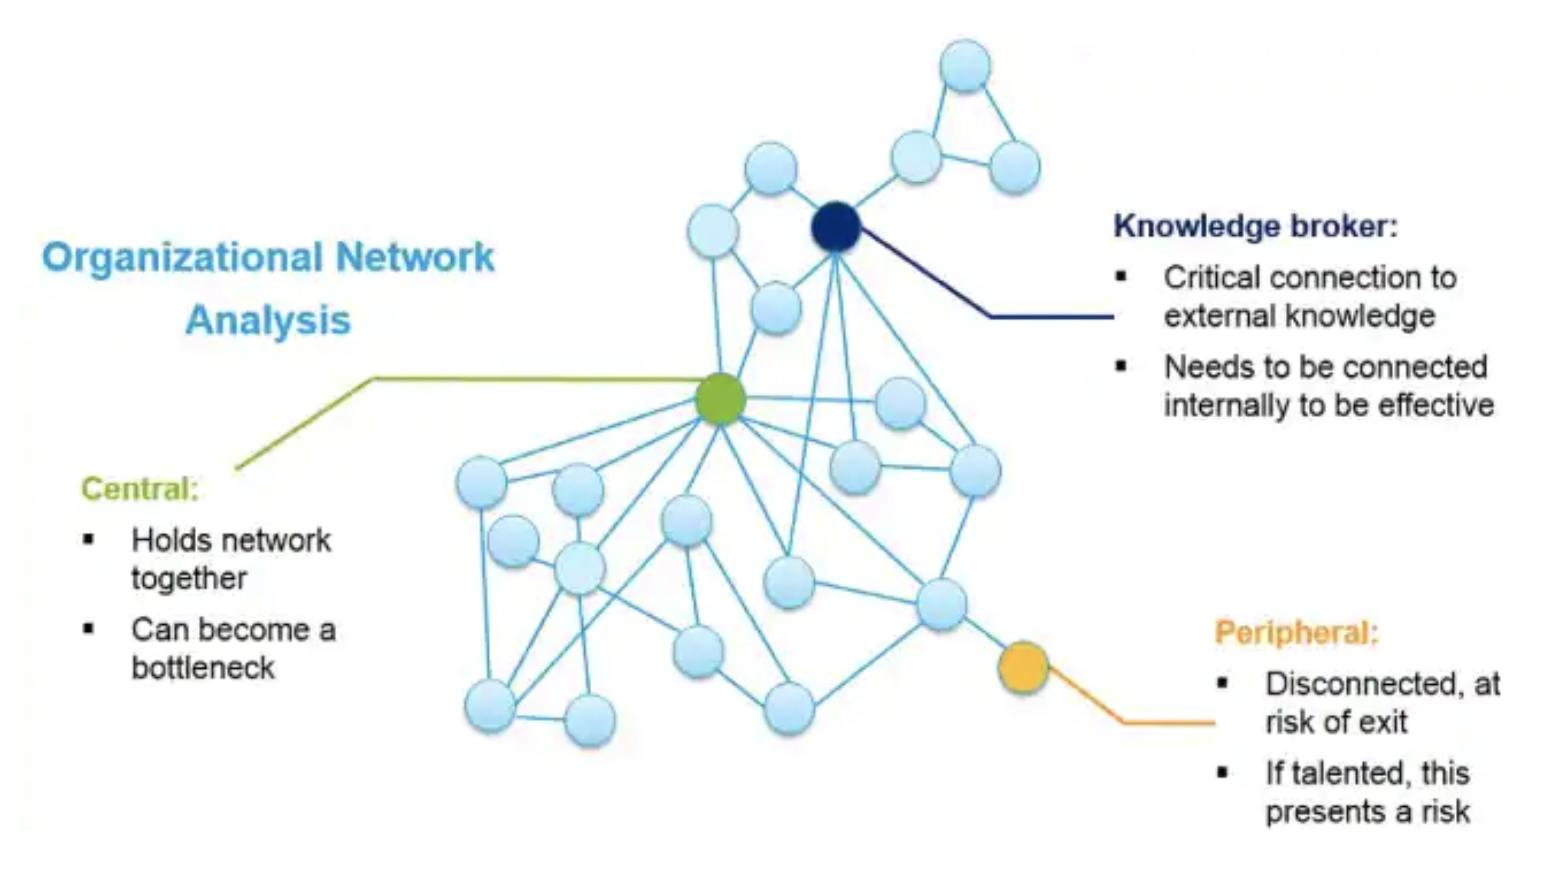 Organizational Network Analysis (ONA) explained